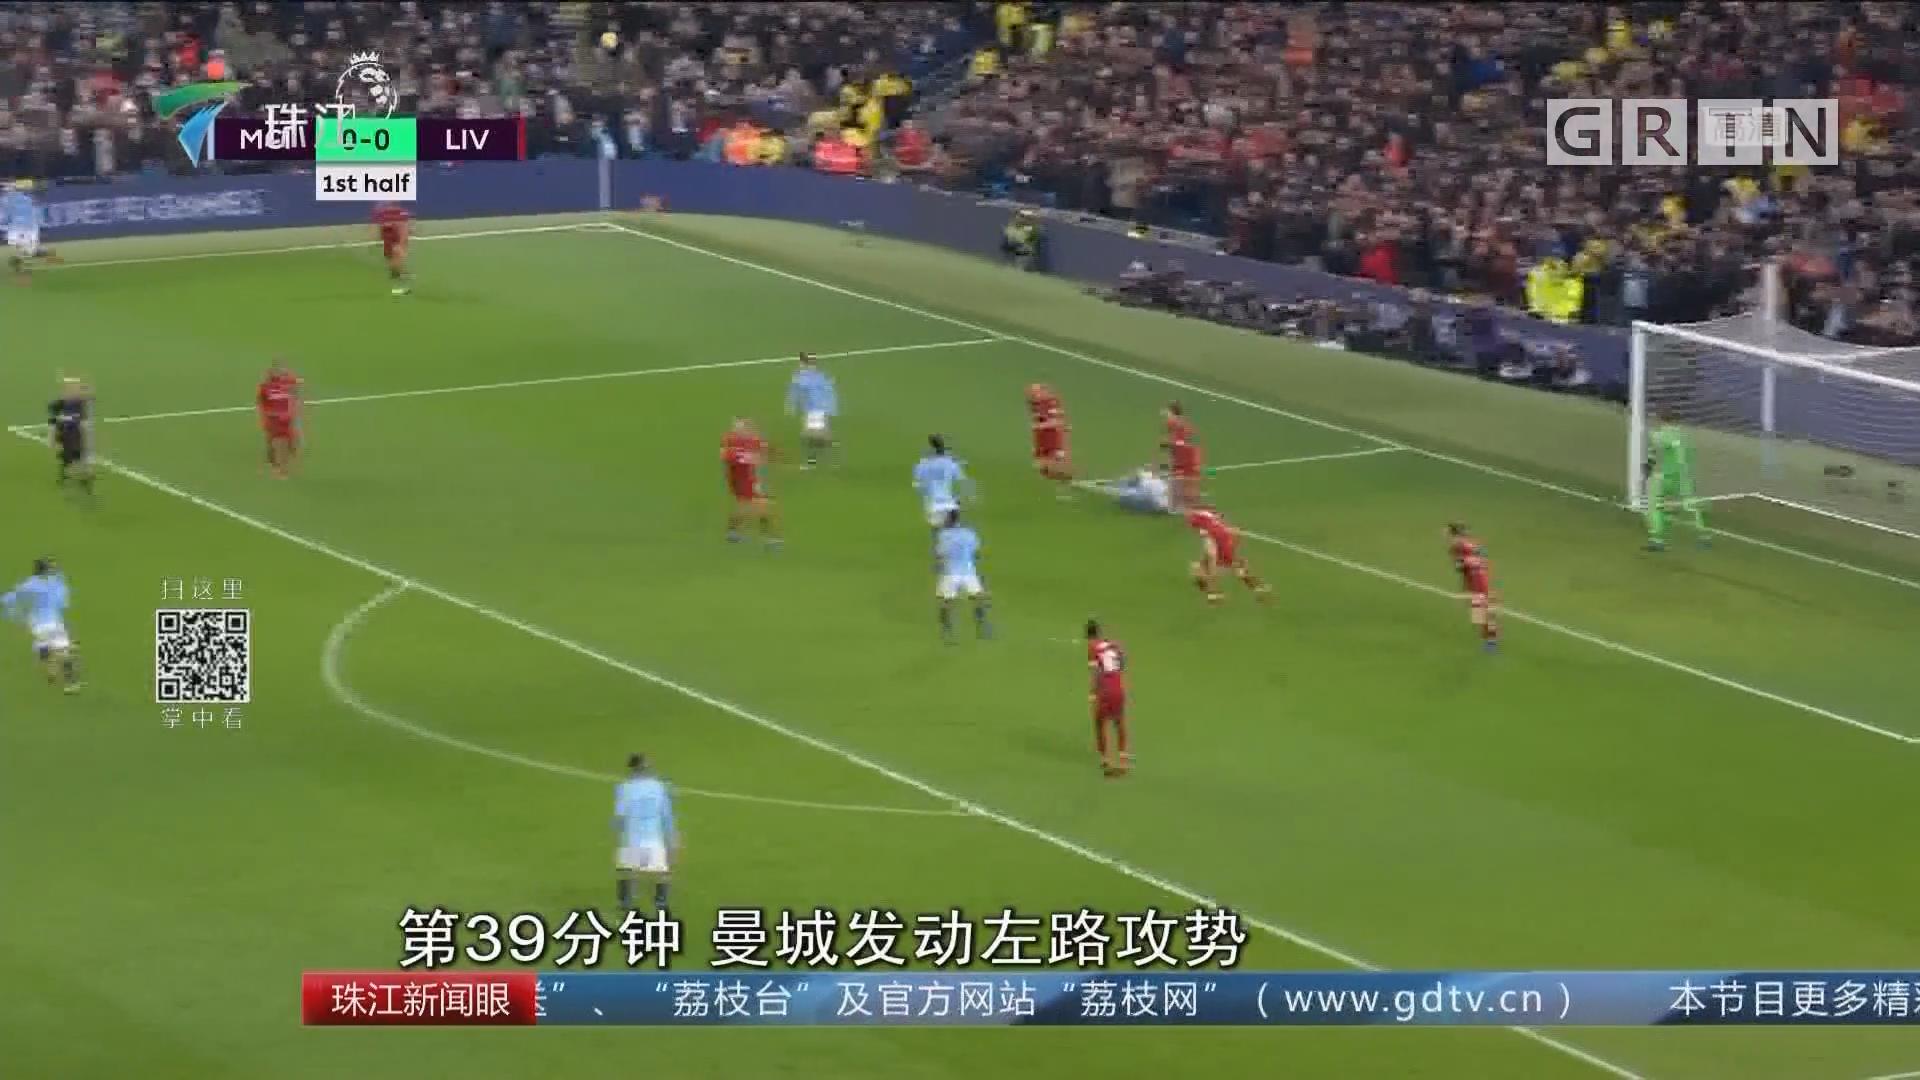 英超:曼城胜利物浦赢榜首大战